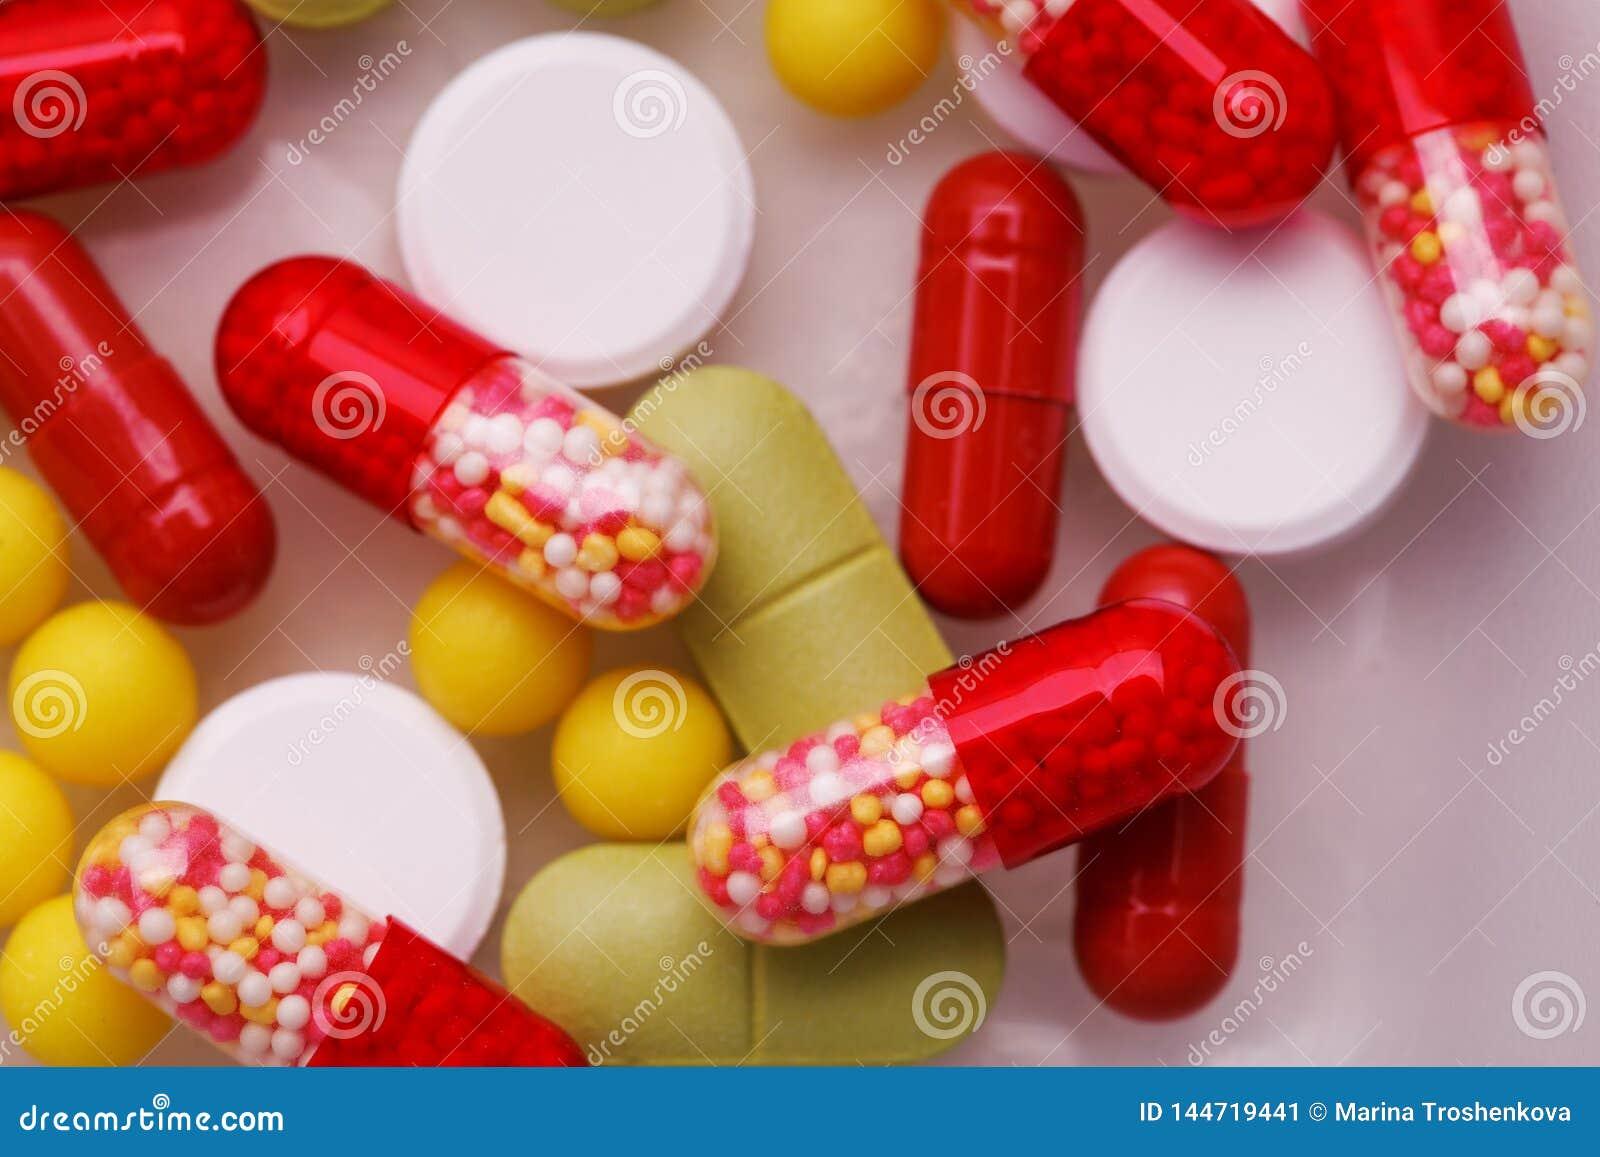 Pilules, comprim?s et capsules pharmaceutiques assortis de m?decine au-dessus du fond blanc